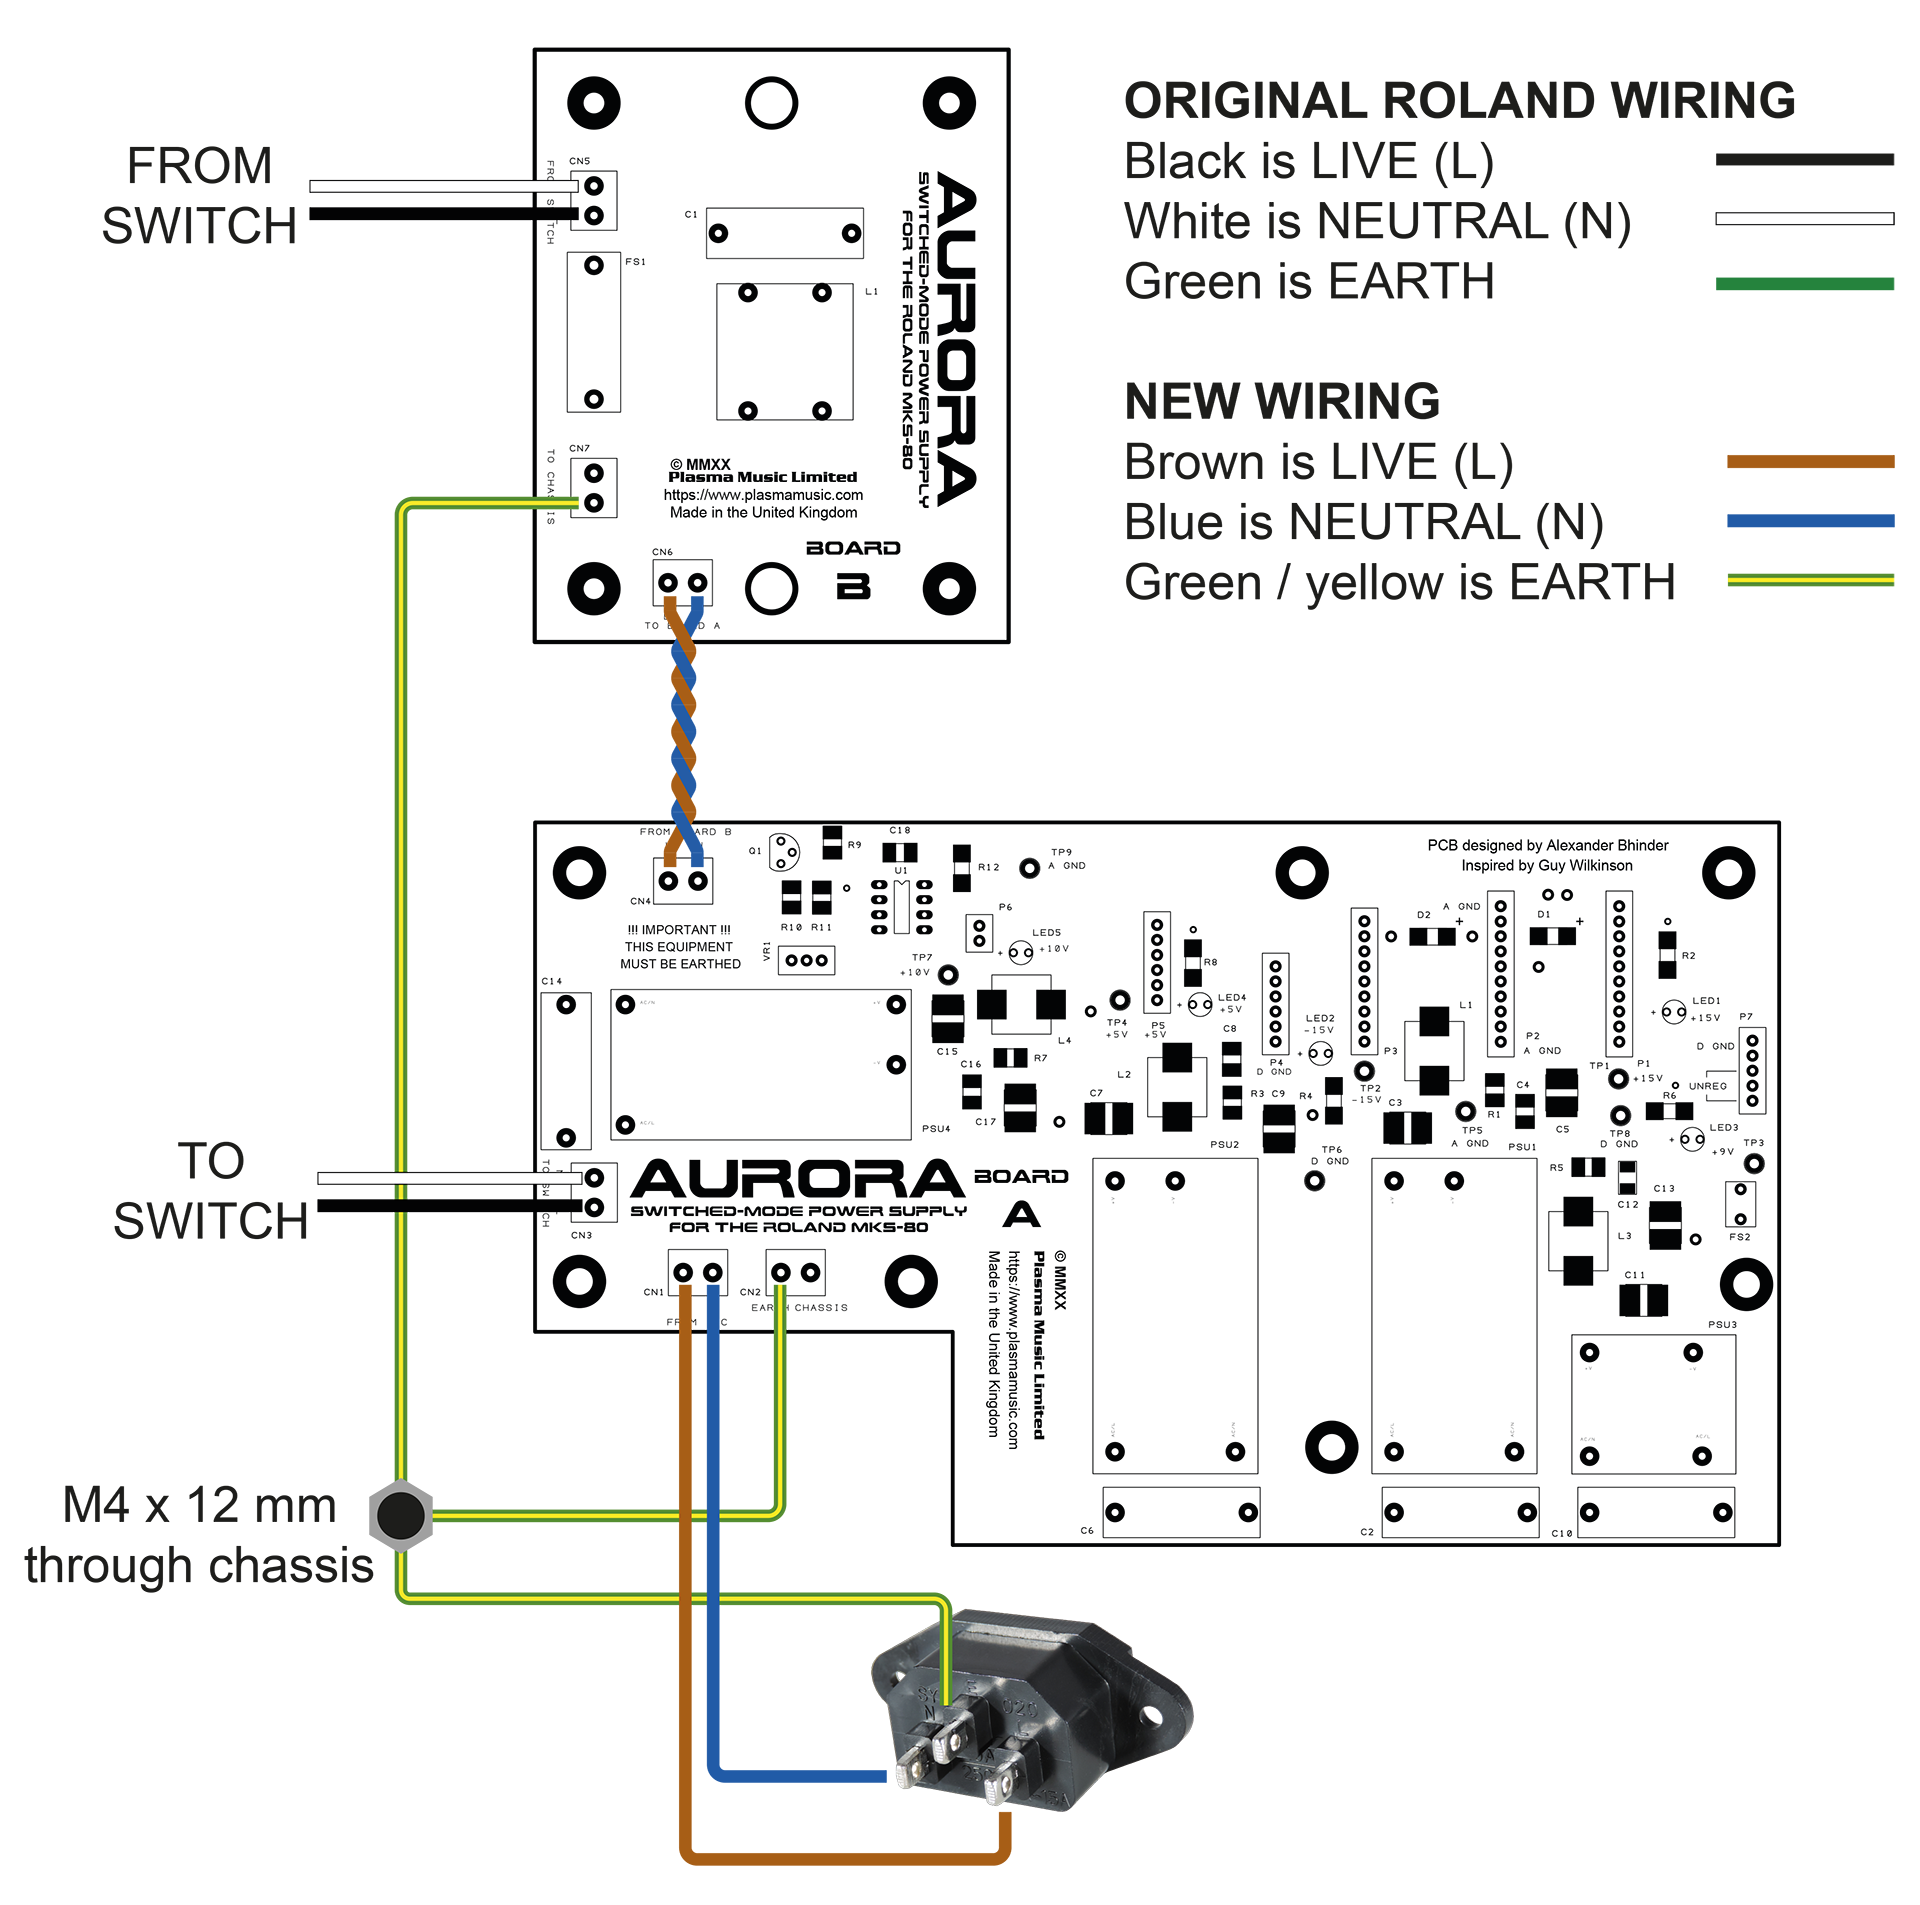 Aurora Wiring